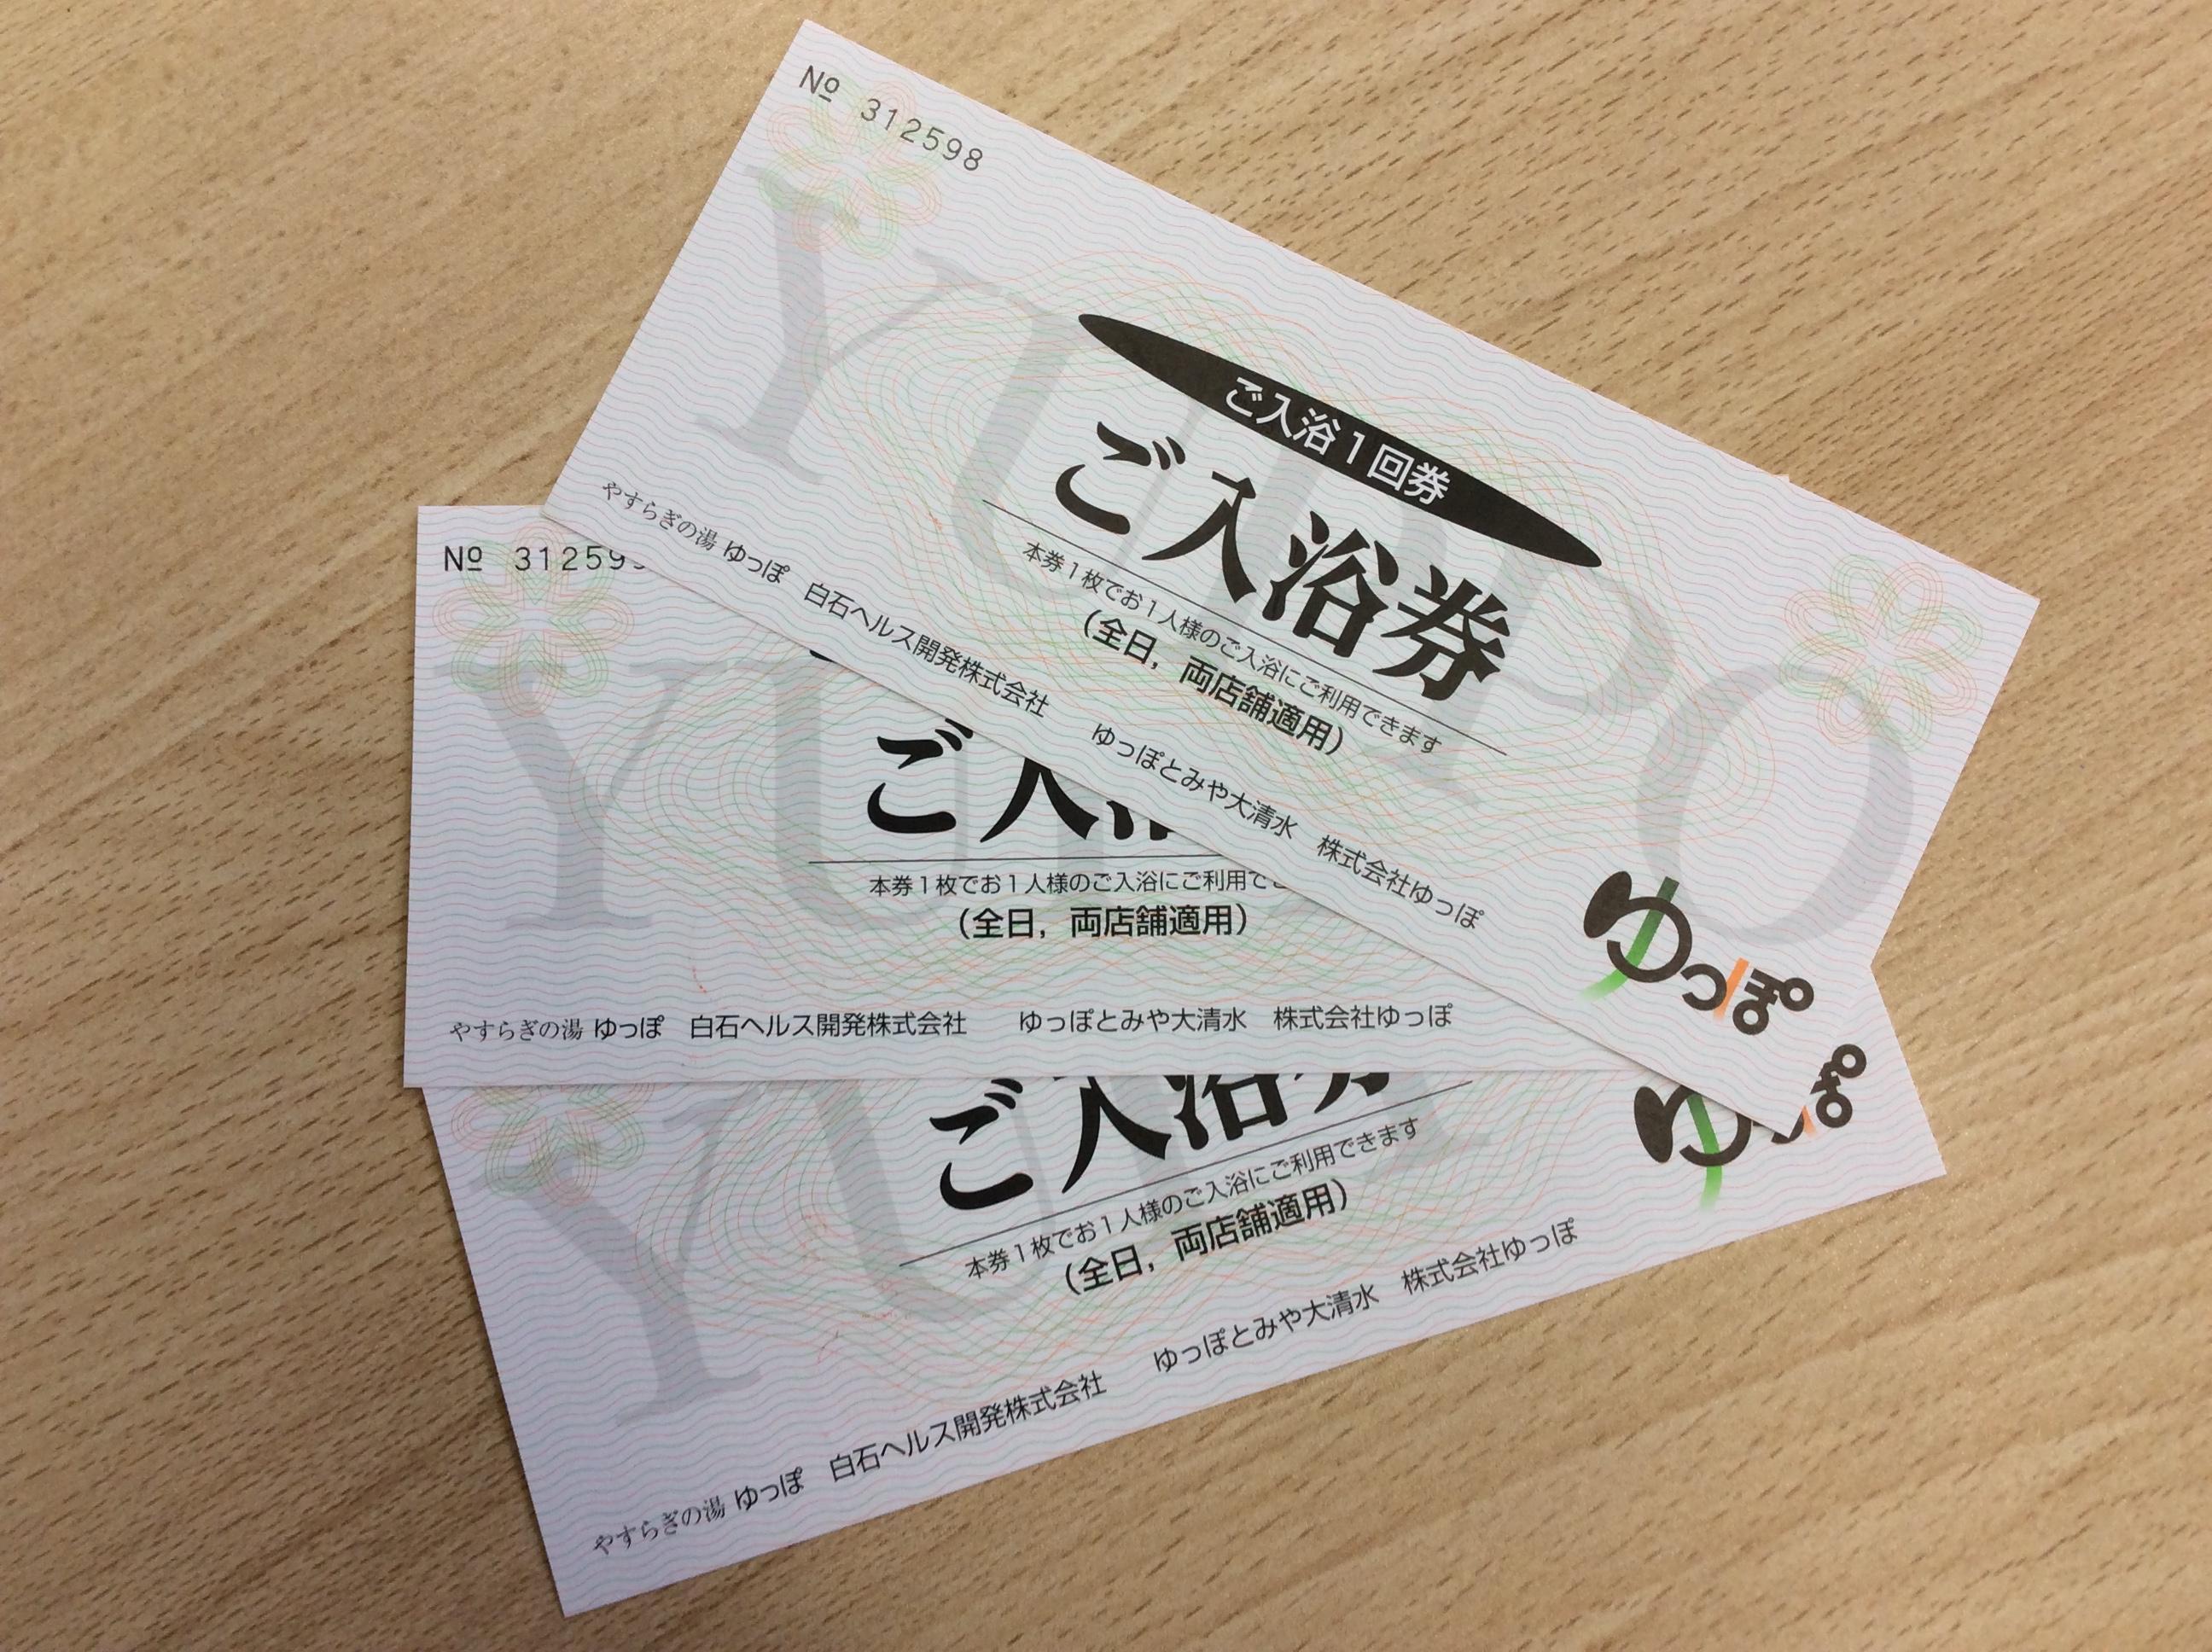 ゆっぽ白石から入浴券のリスナープレゼント!